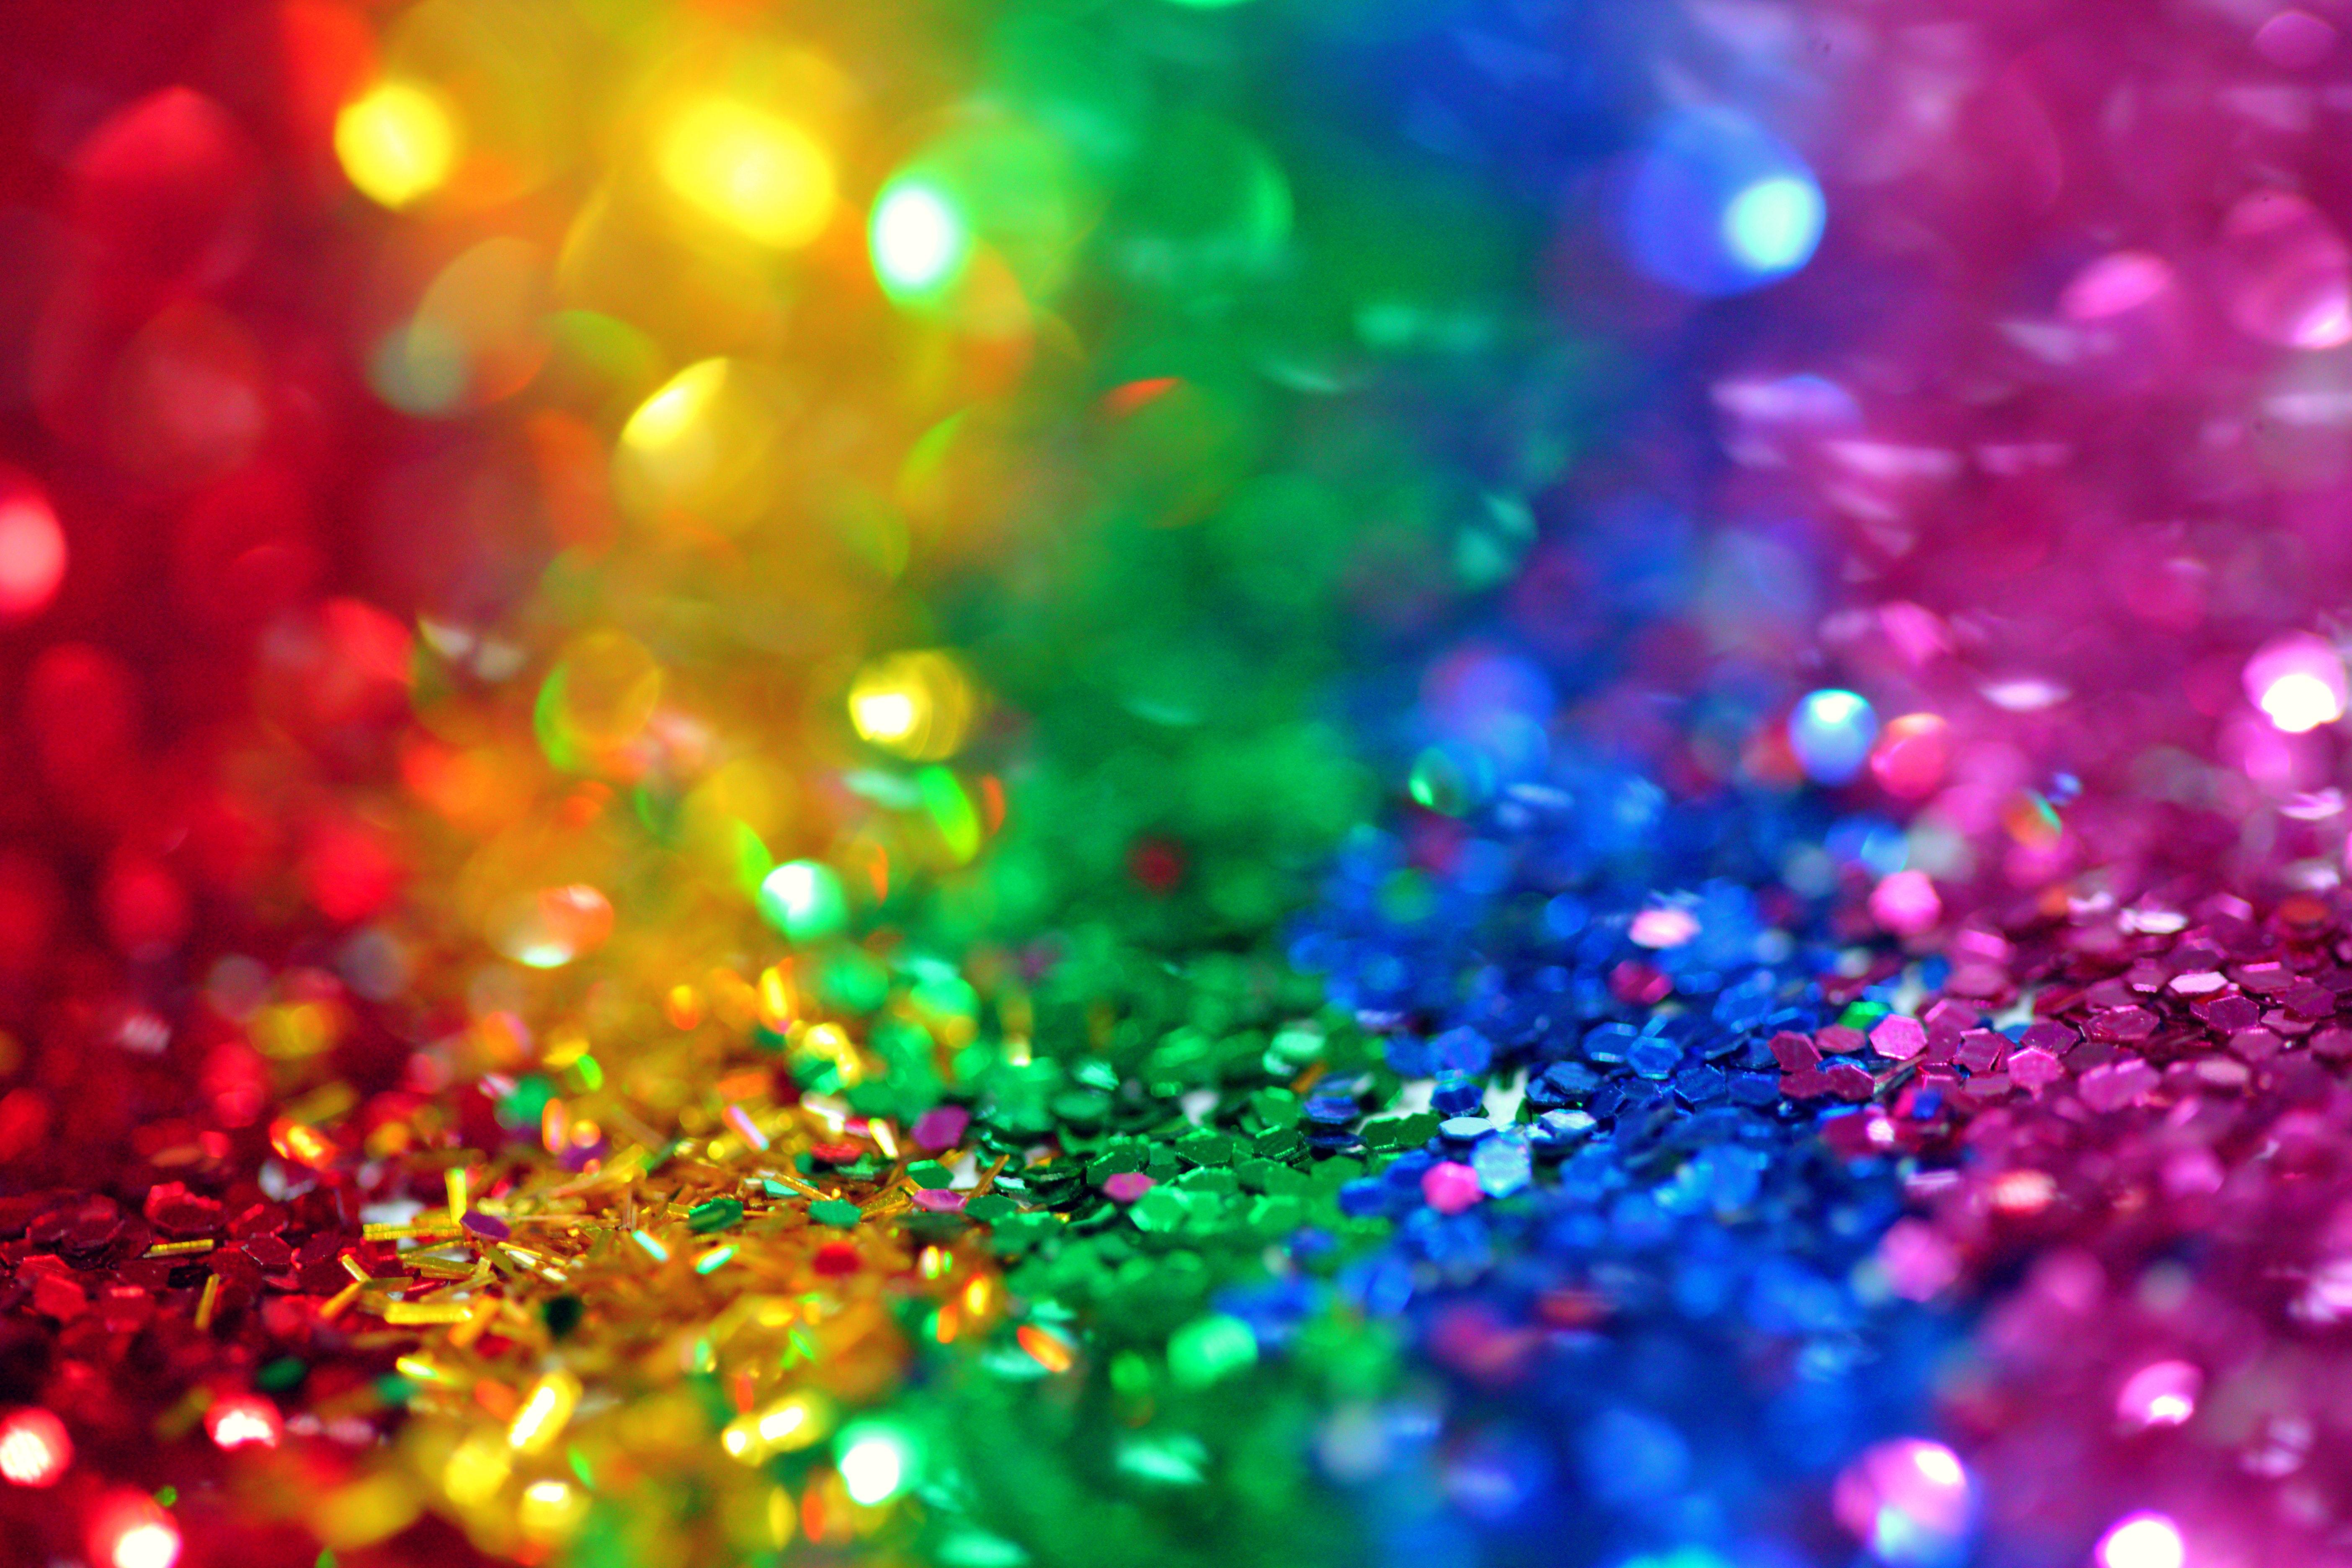 100 Regenbogen Fotos Pexels Kostenlose Stock Fotos